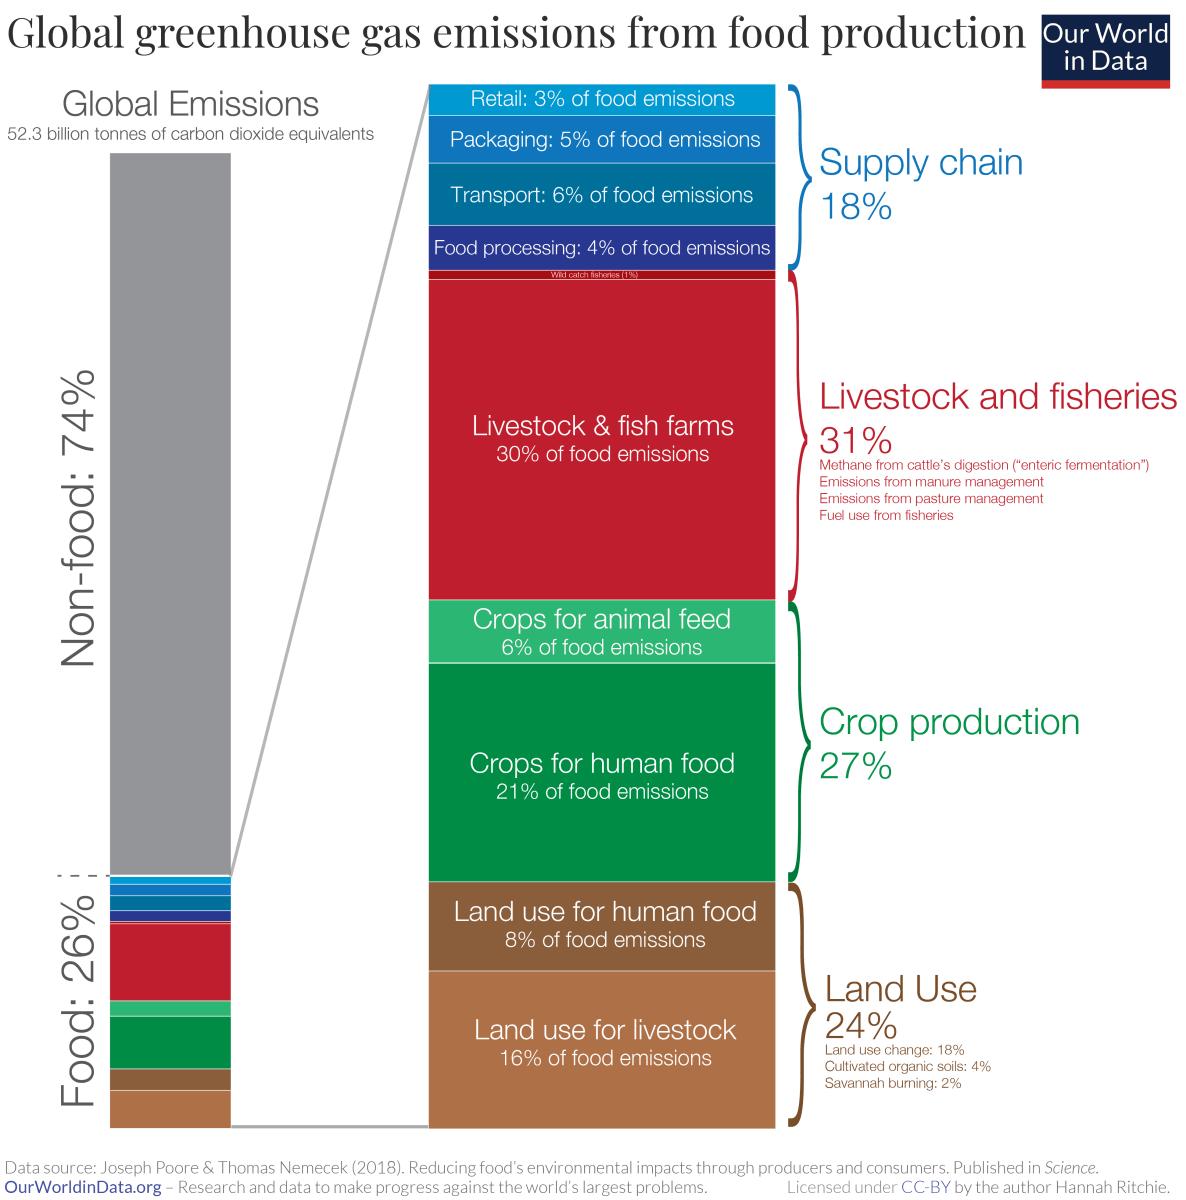 Az élelmiszertermelés felelős a világ ÜHG kibocsátásának egynegyedéért